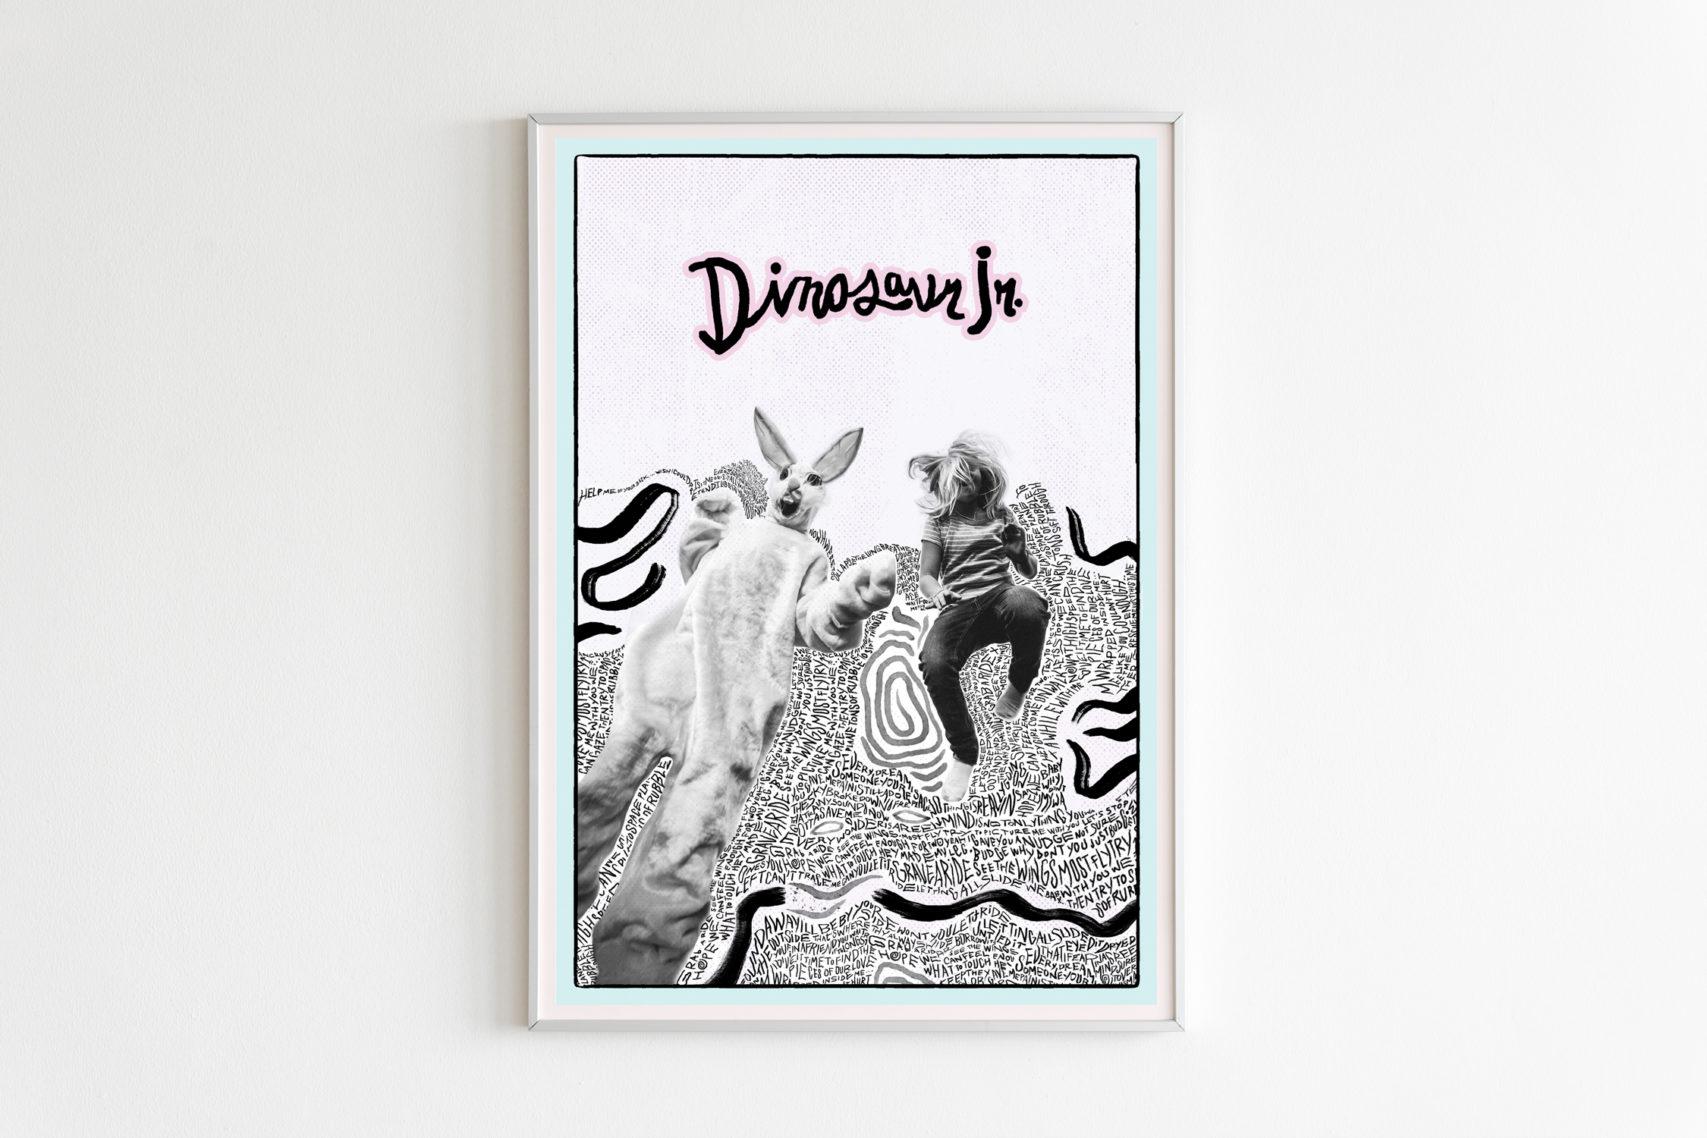 Poster Dinosaur Jr